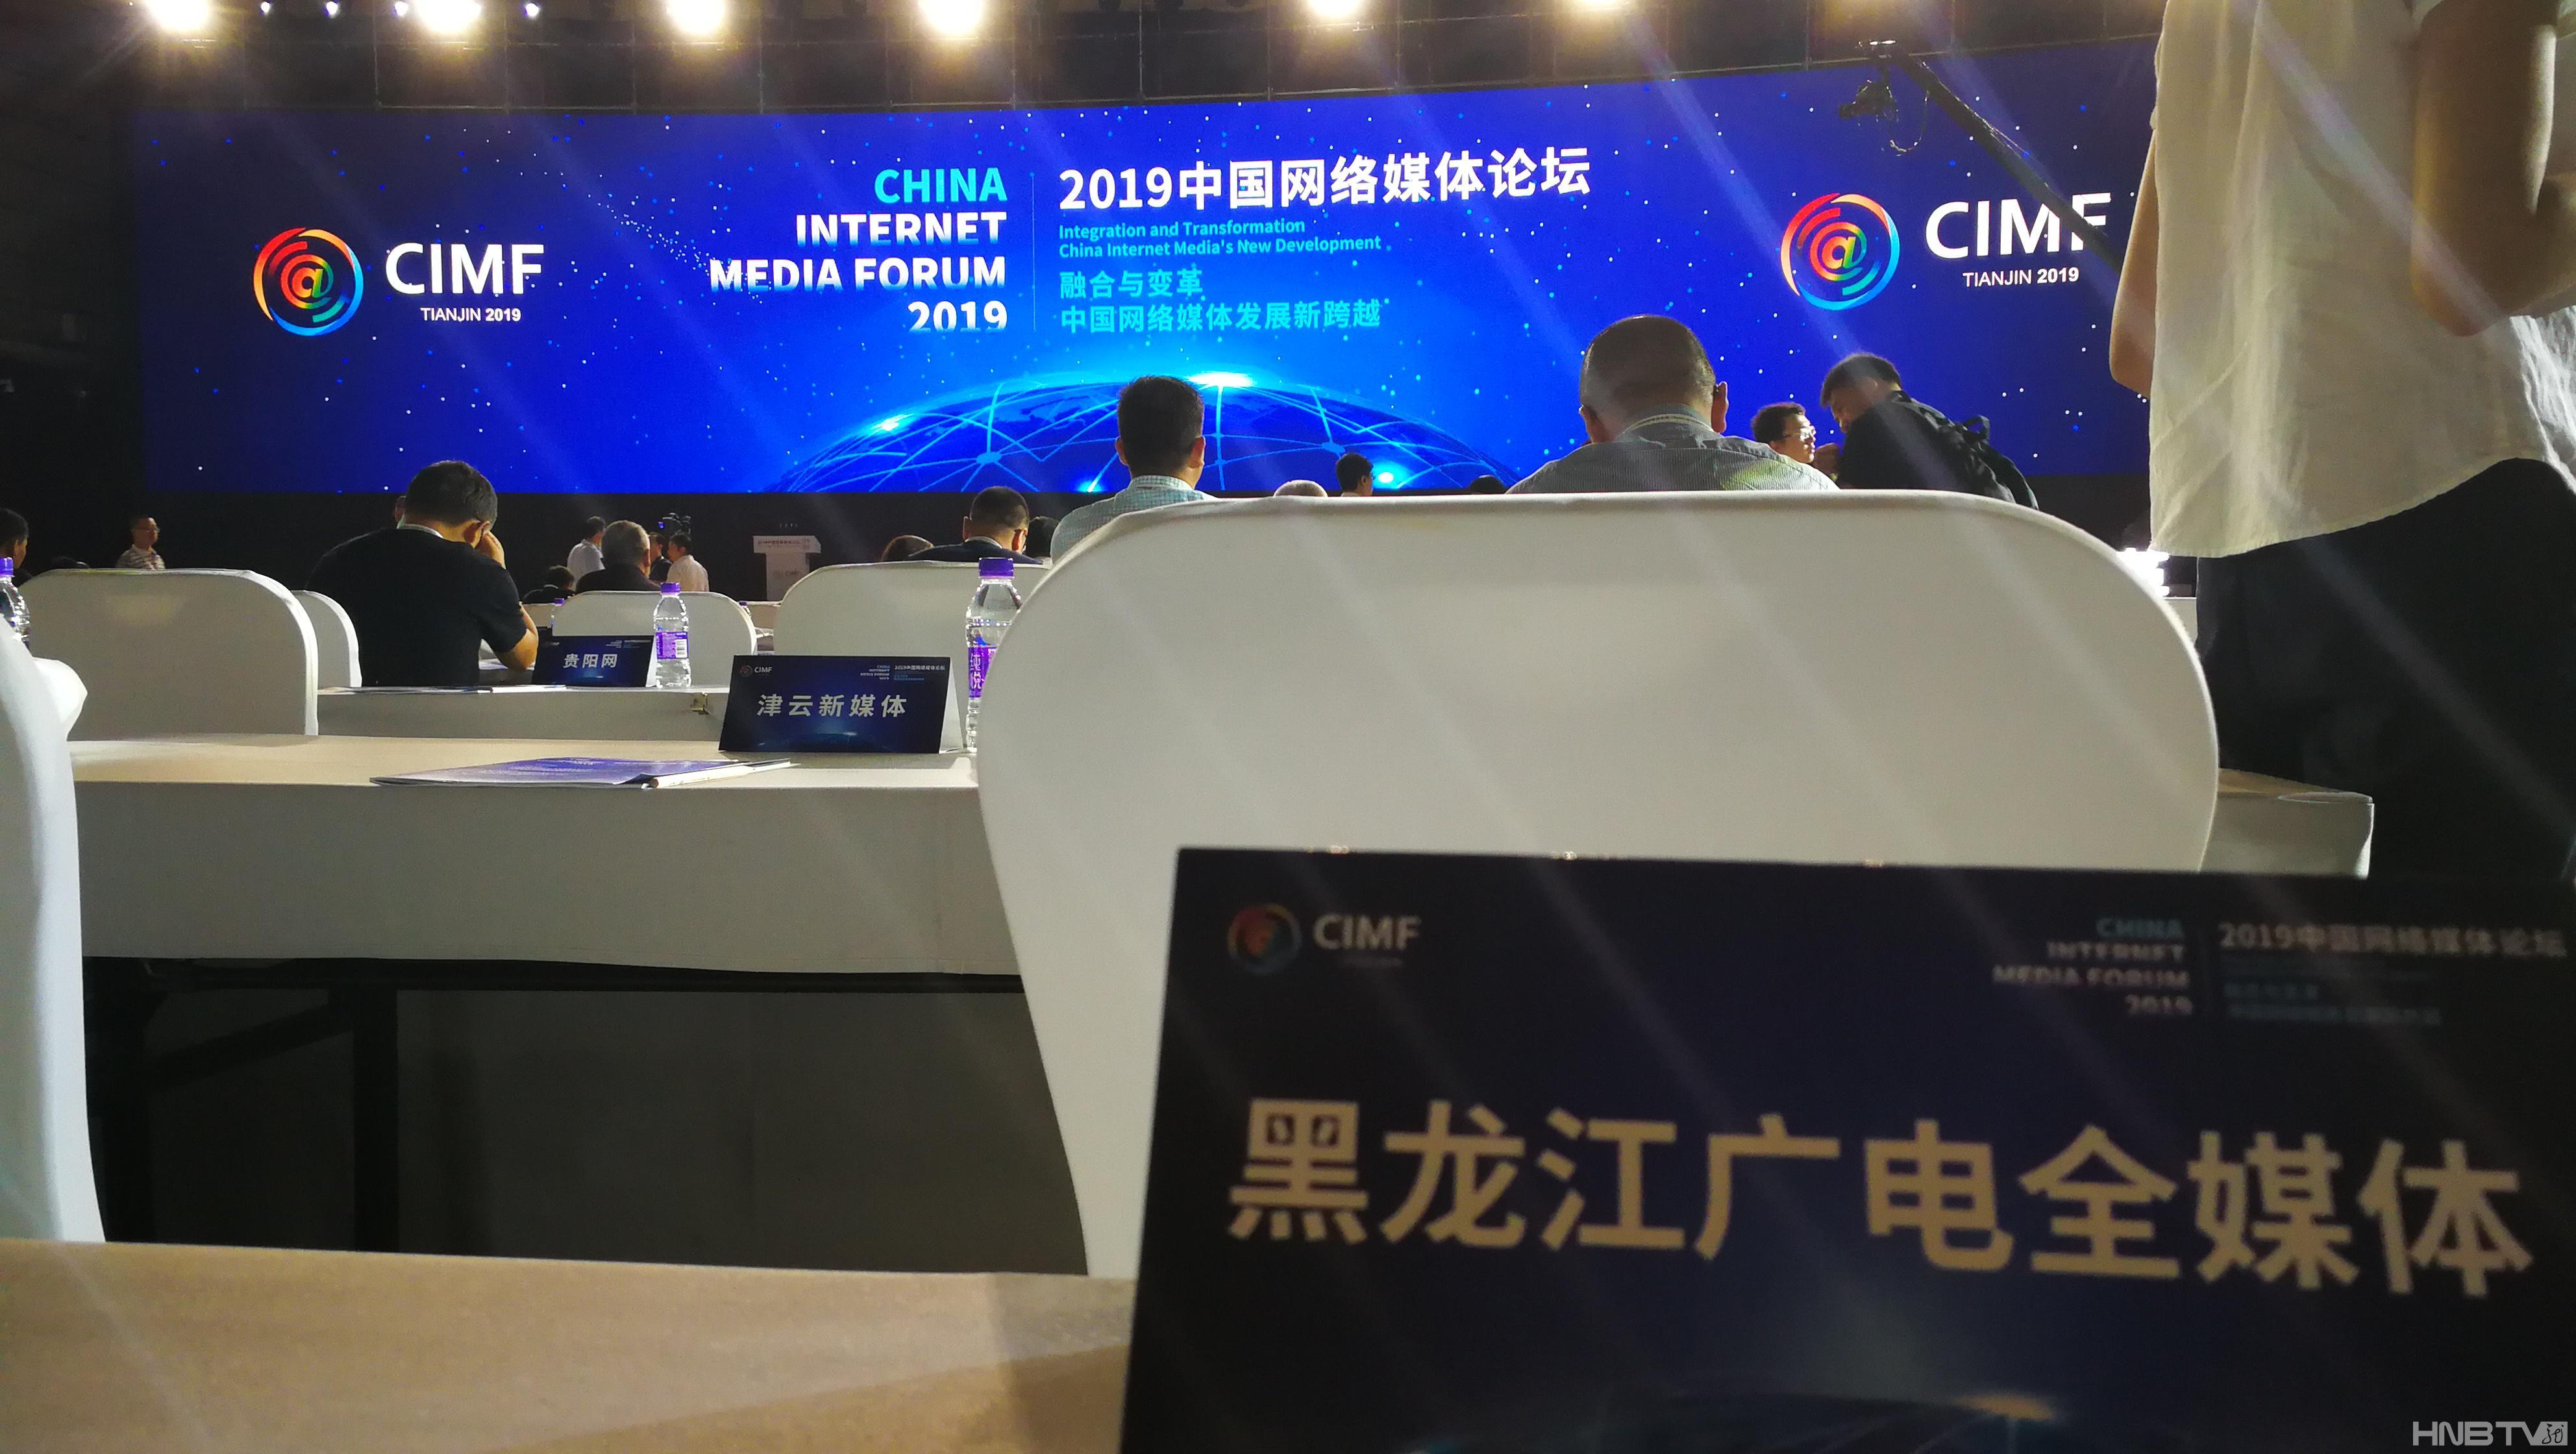 2019中国网络媒体论坛在天津开幕